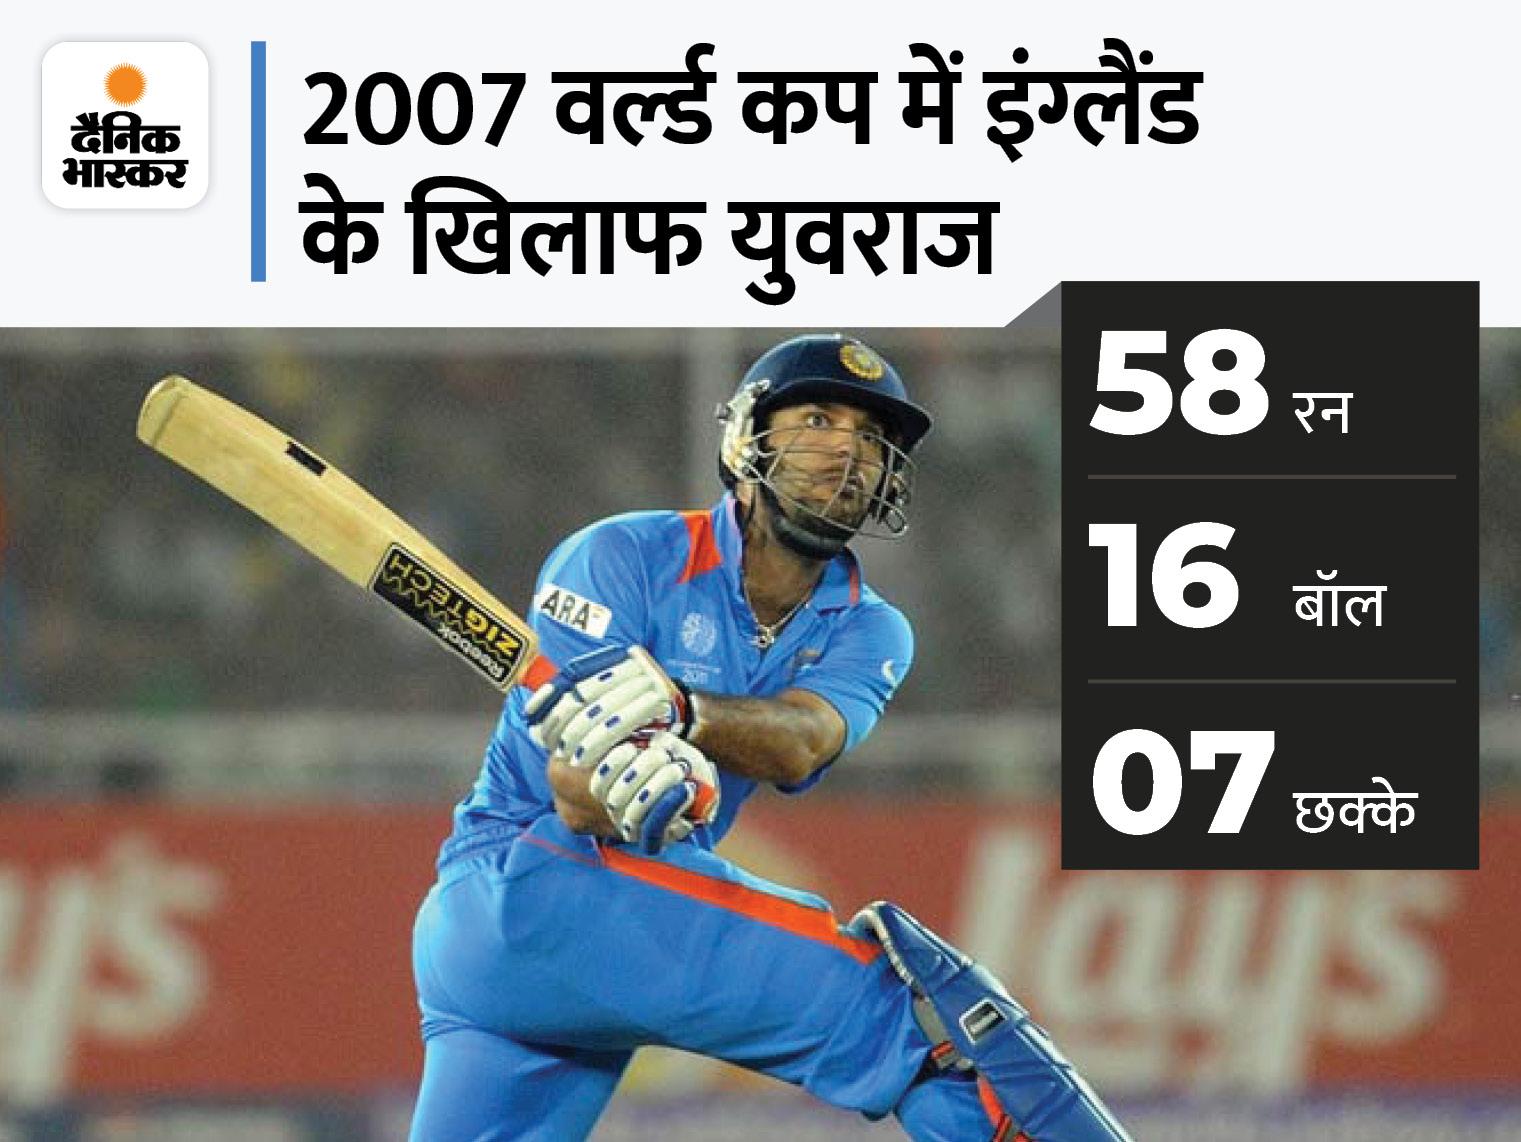 14 साल पहले इंग्लैंड के खिलाफ किया था कारनामा; फ्लिंटॉफ ने दिलाया था गुस्सा फिर आई स्टुअर्ट ब्रॉड की शामत|क्रिकेट,Cricket - Dainik Bhaskar